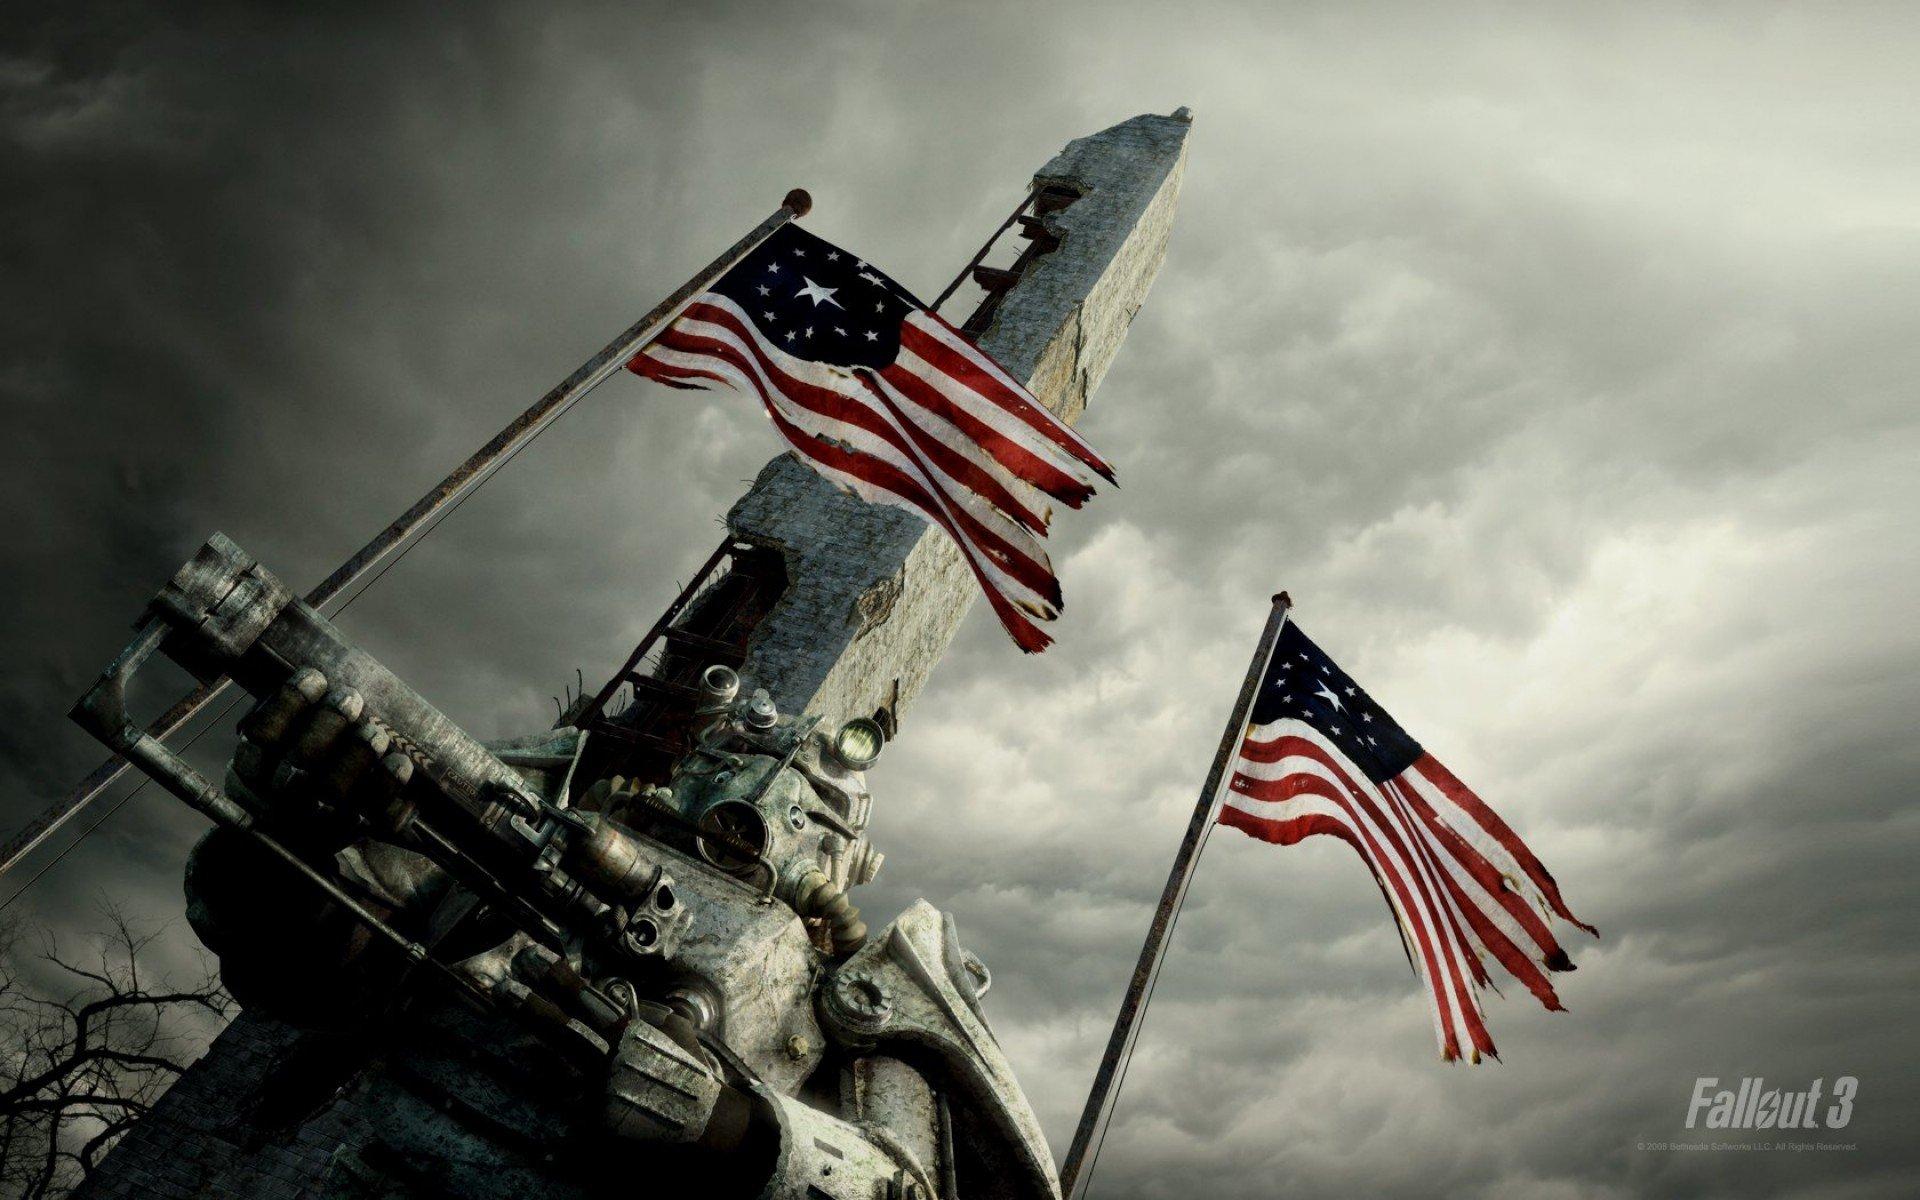 15\11\2012\ Семь штатов США из пятидесяти собрали подписи под петицией о выходе из состава США!  Флаг в игре Fallout ... - Изображение 1